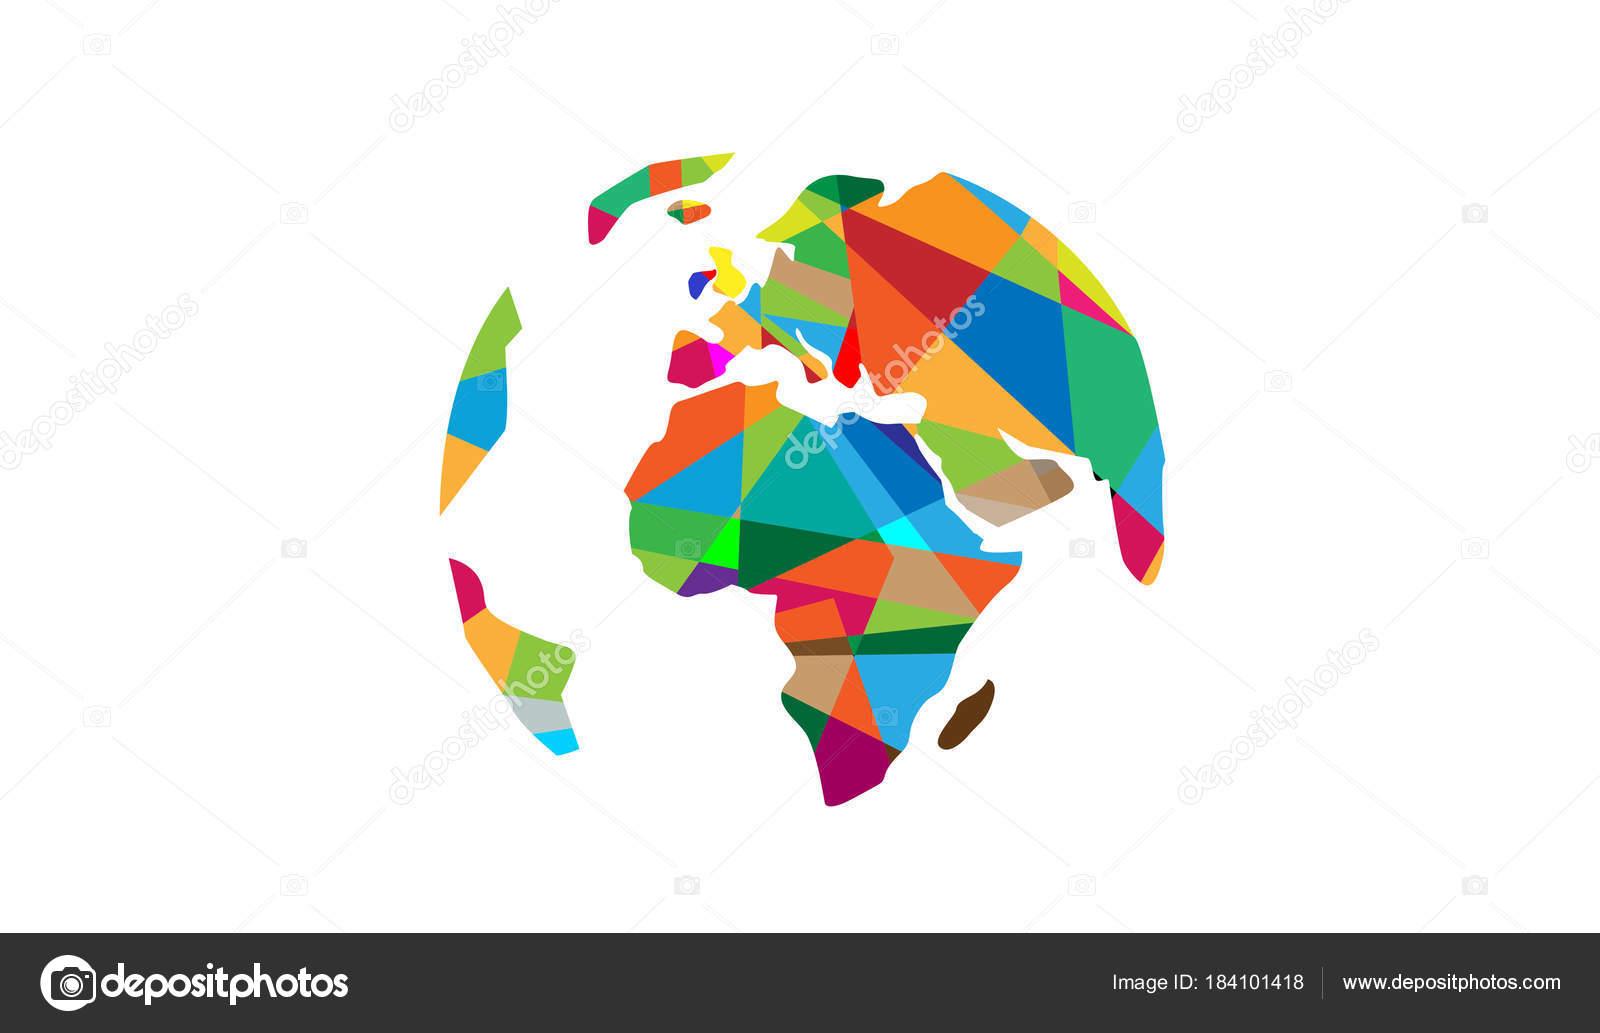 Mundial mapa logo diseo dibujo vector de stock guru86 184101418 mundial mapa logo diseo dibujo vector de stock gumiabroncs Gallery